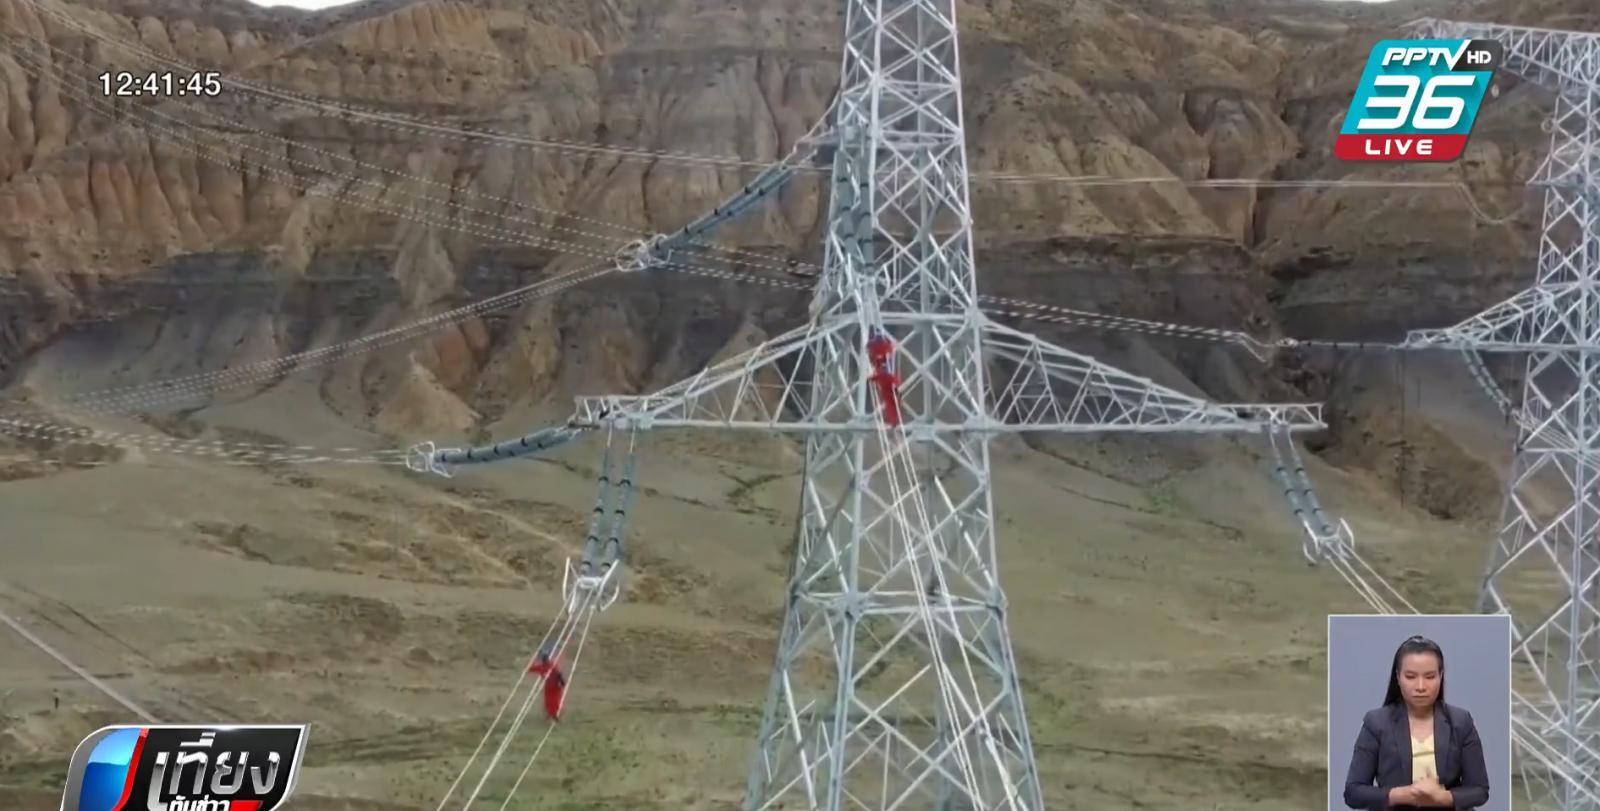 จีนสร้างเครือข่าย เสาส่งไฟฟ้าสูงสุดในโลก